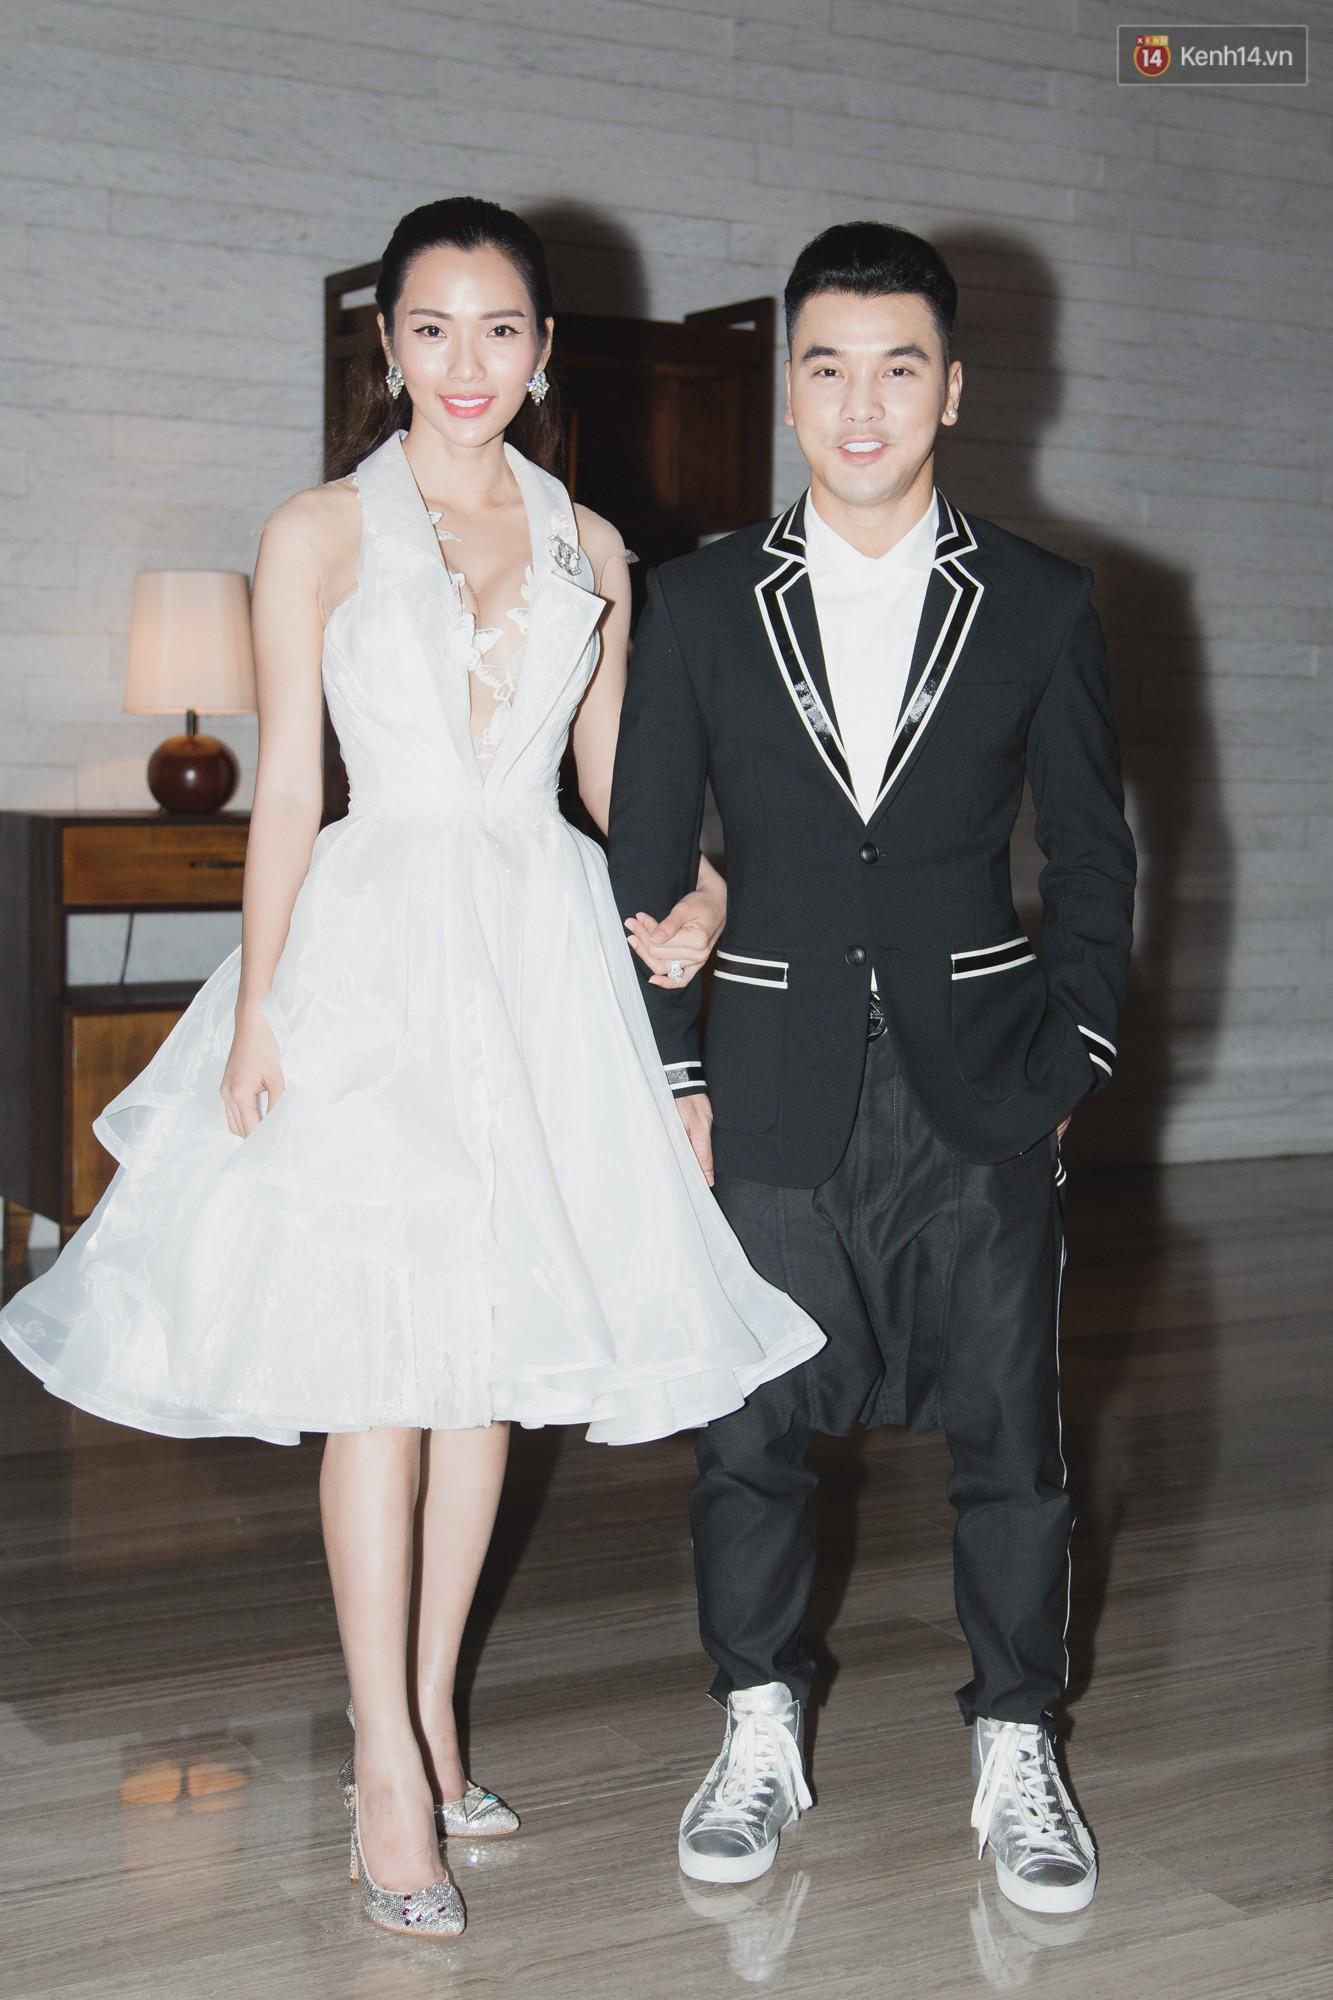 Spotlight thảm đỏ của NTK Lý Quí Khánh: Khi Hòa Minzy trông còn Hoa hậu hơn cả Hoa hậu Tiểu Vy - Ảnh 14.